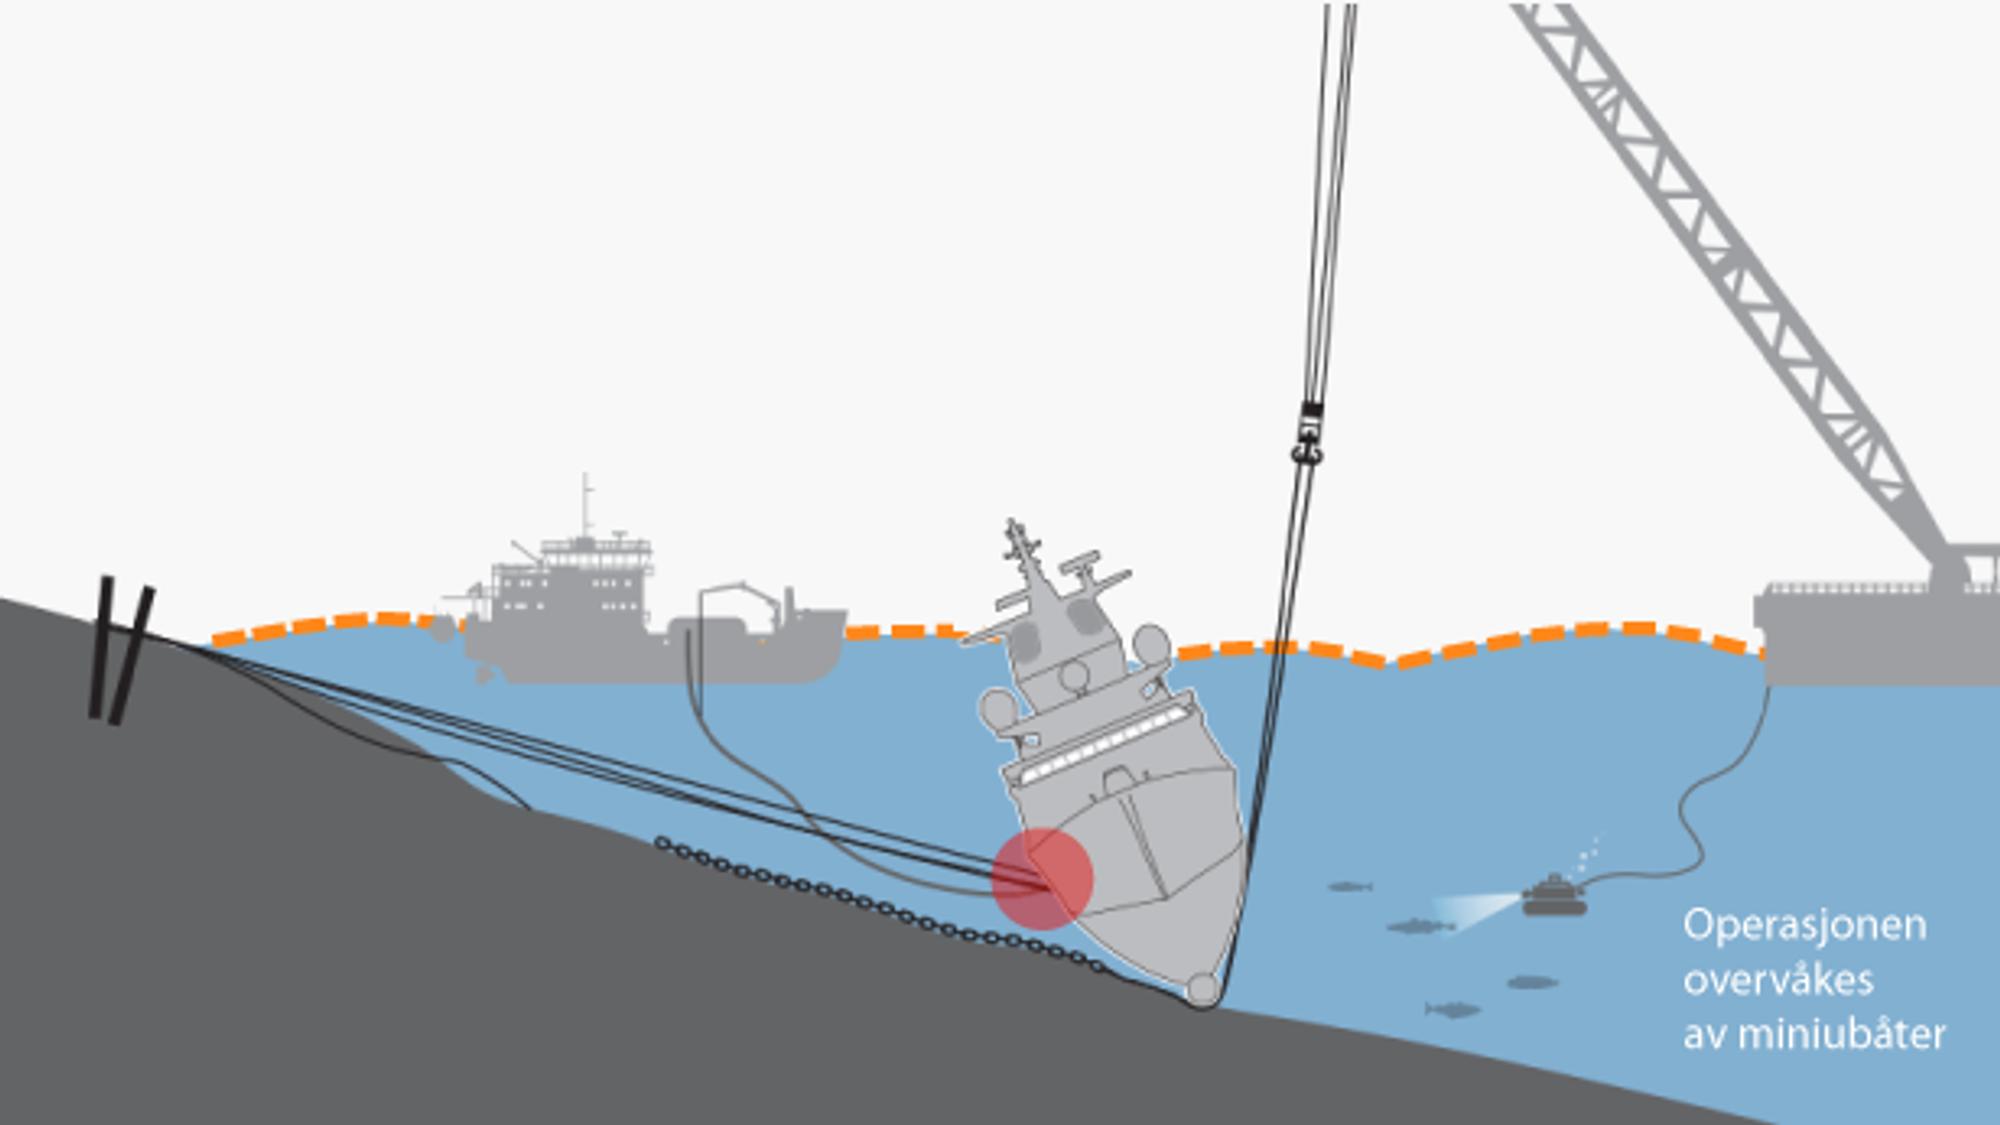 Slik ser forberedelsene i forkant av hevingen av Helge Ingstad ut. Illustrasjon hentet fra Forsvaret.no.